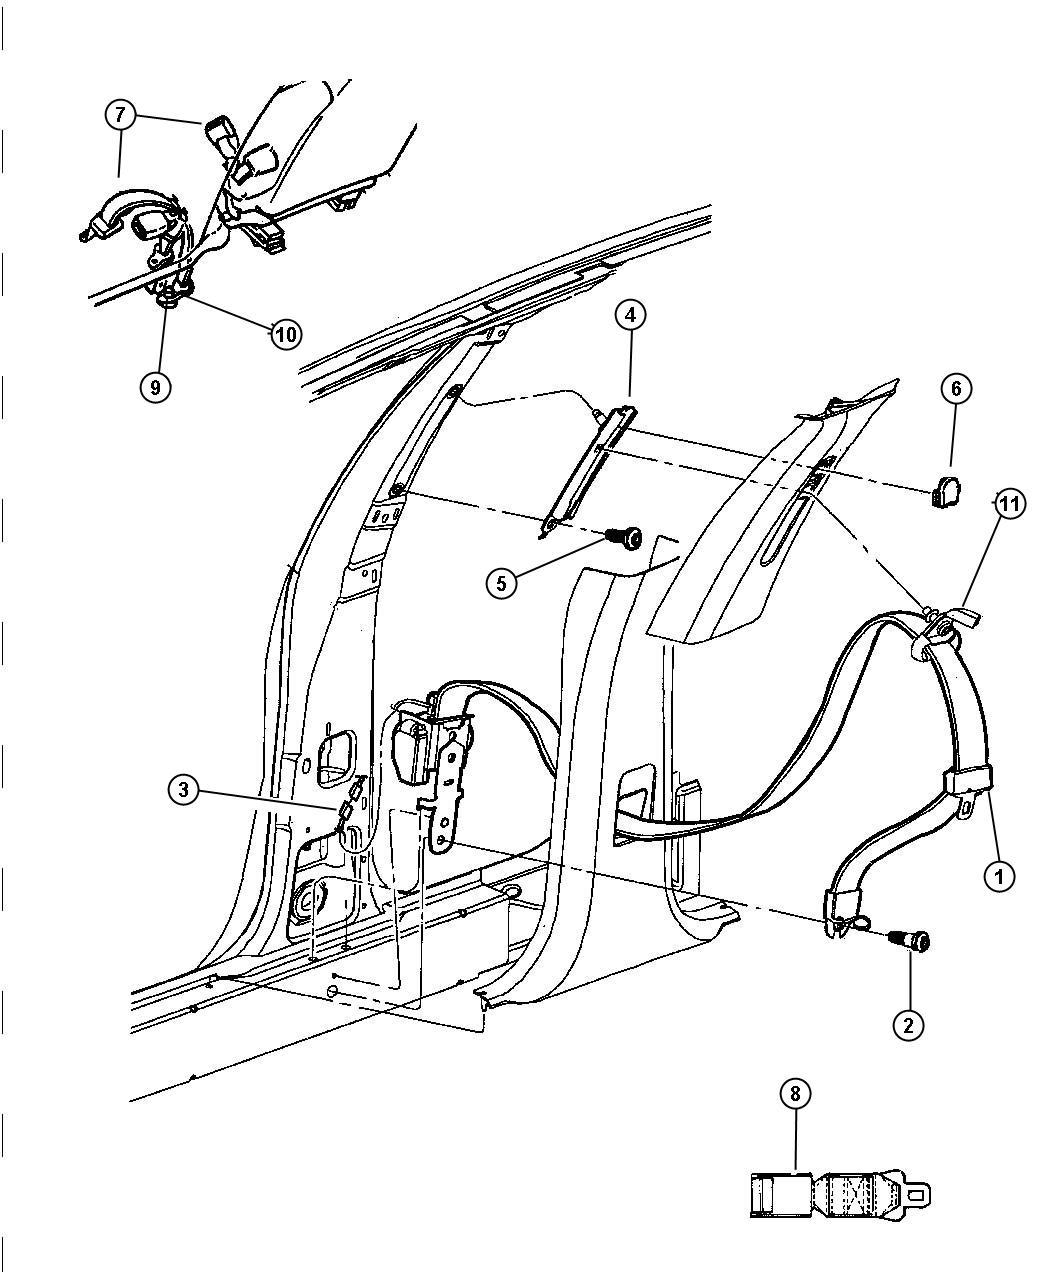 2002    Chrysler       300       Seat    belt Front center  l5  Trim